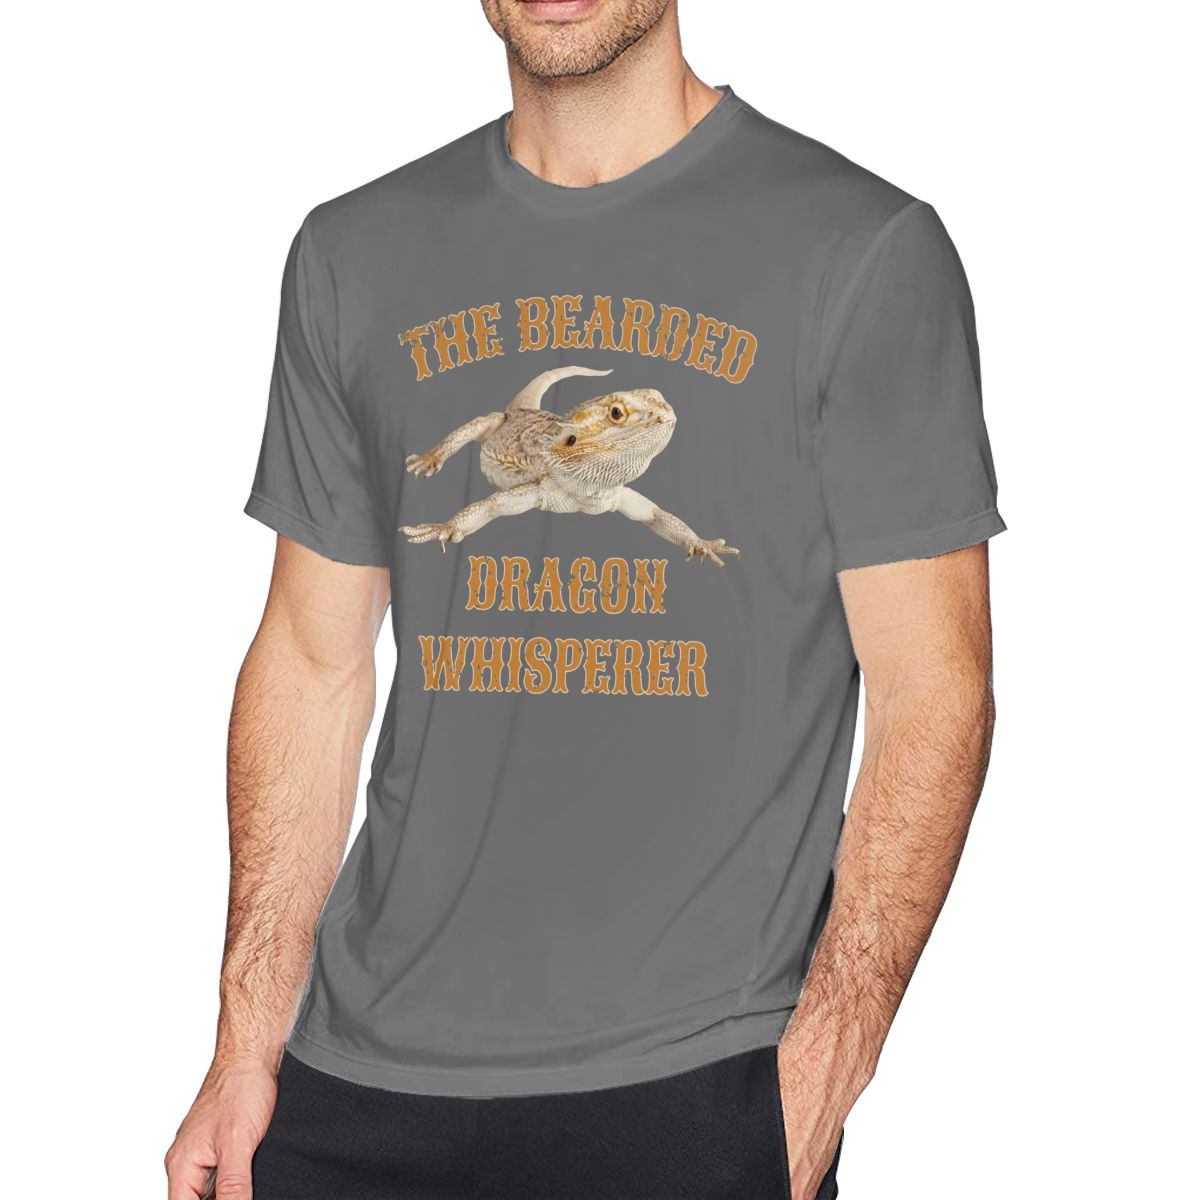 The Hamster Whisperer Shirt Mens Shirt Tee Shirt